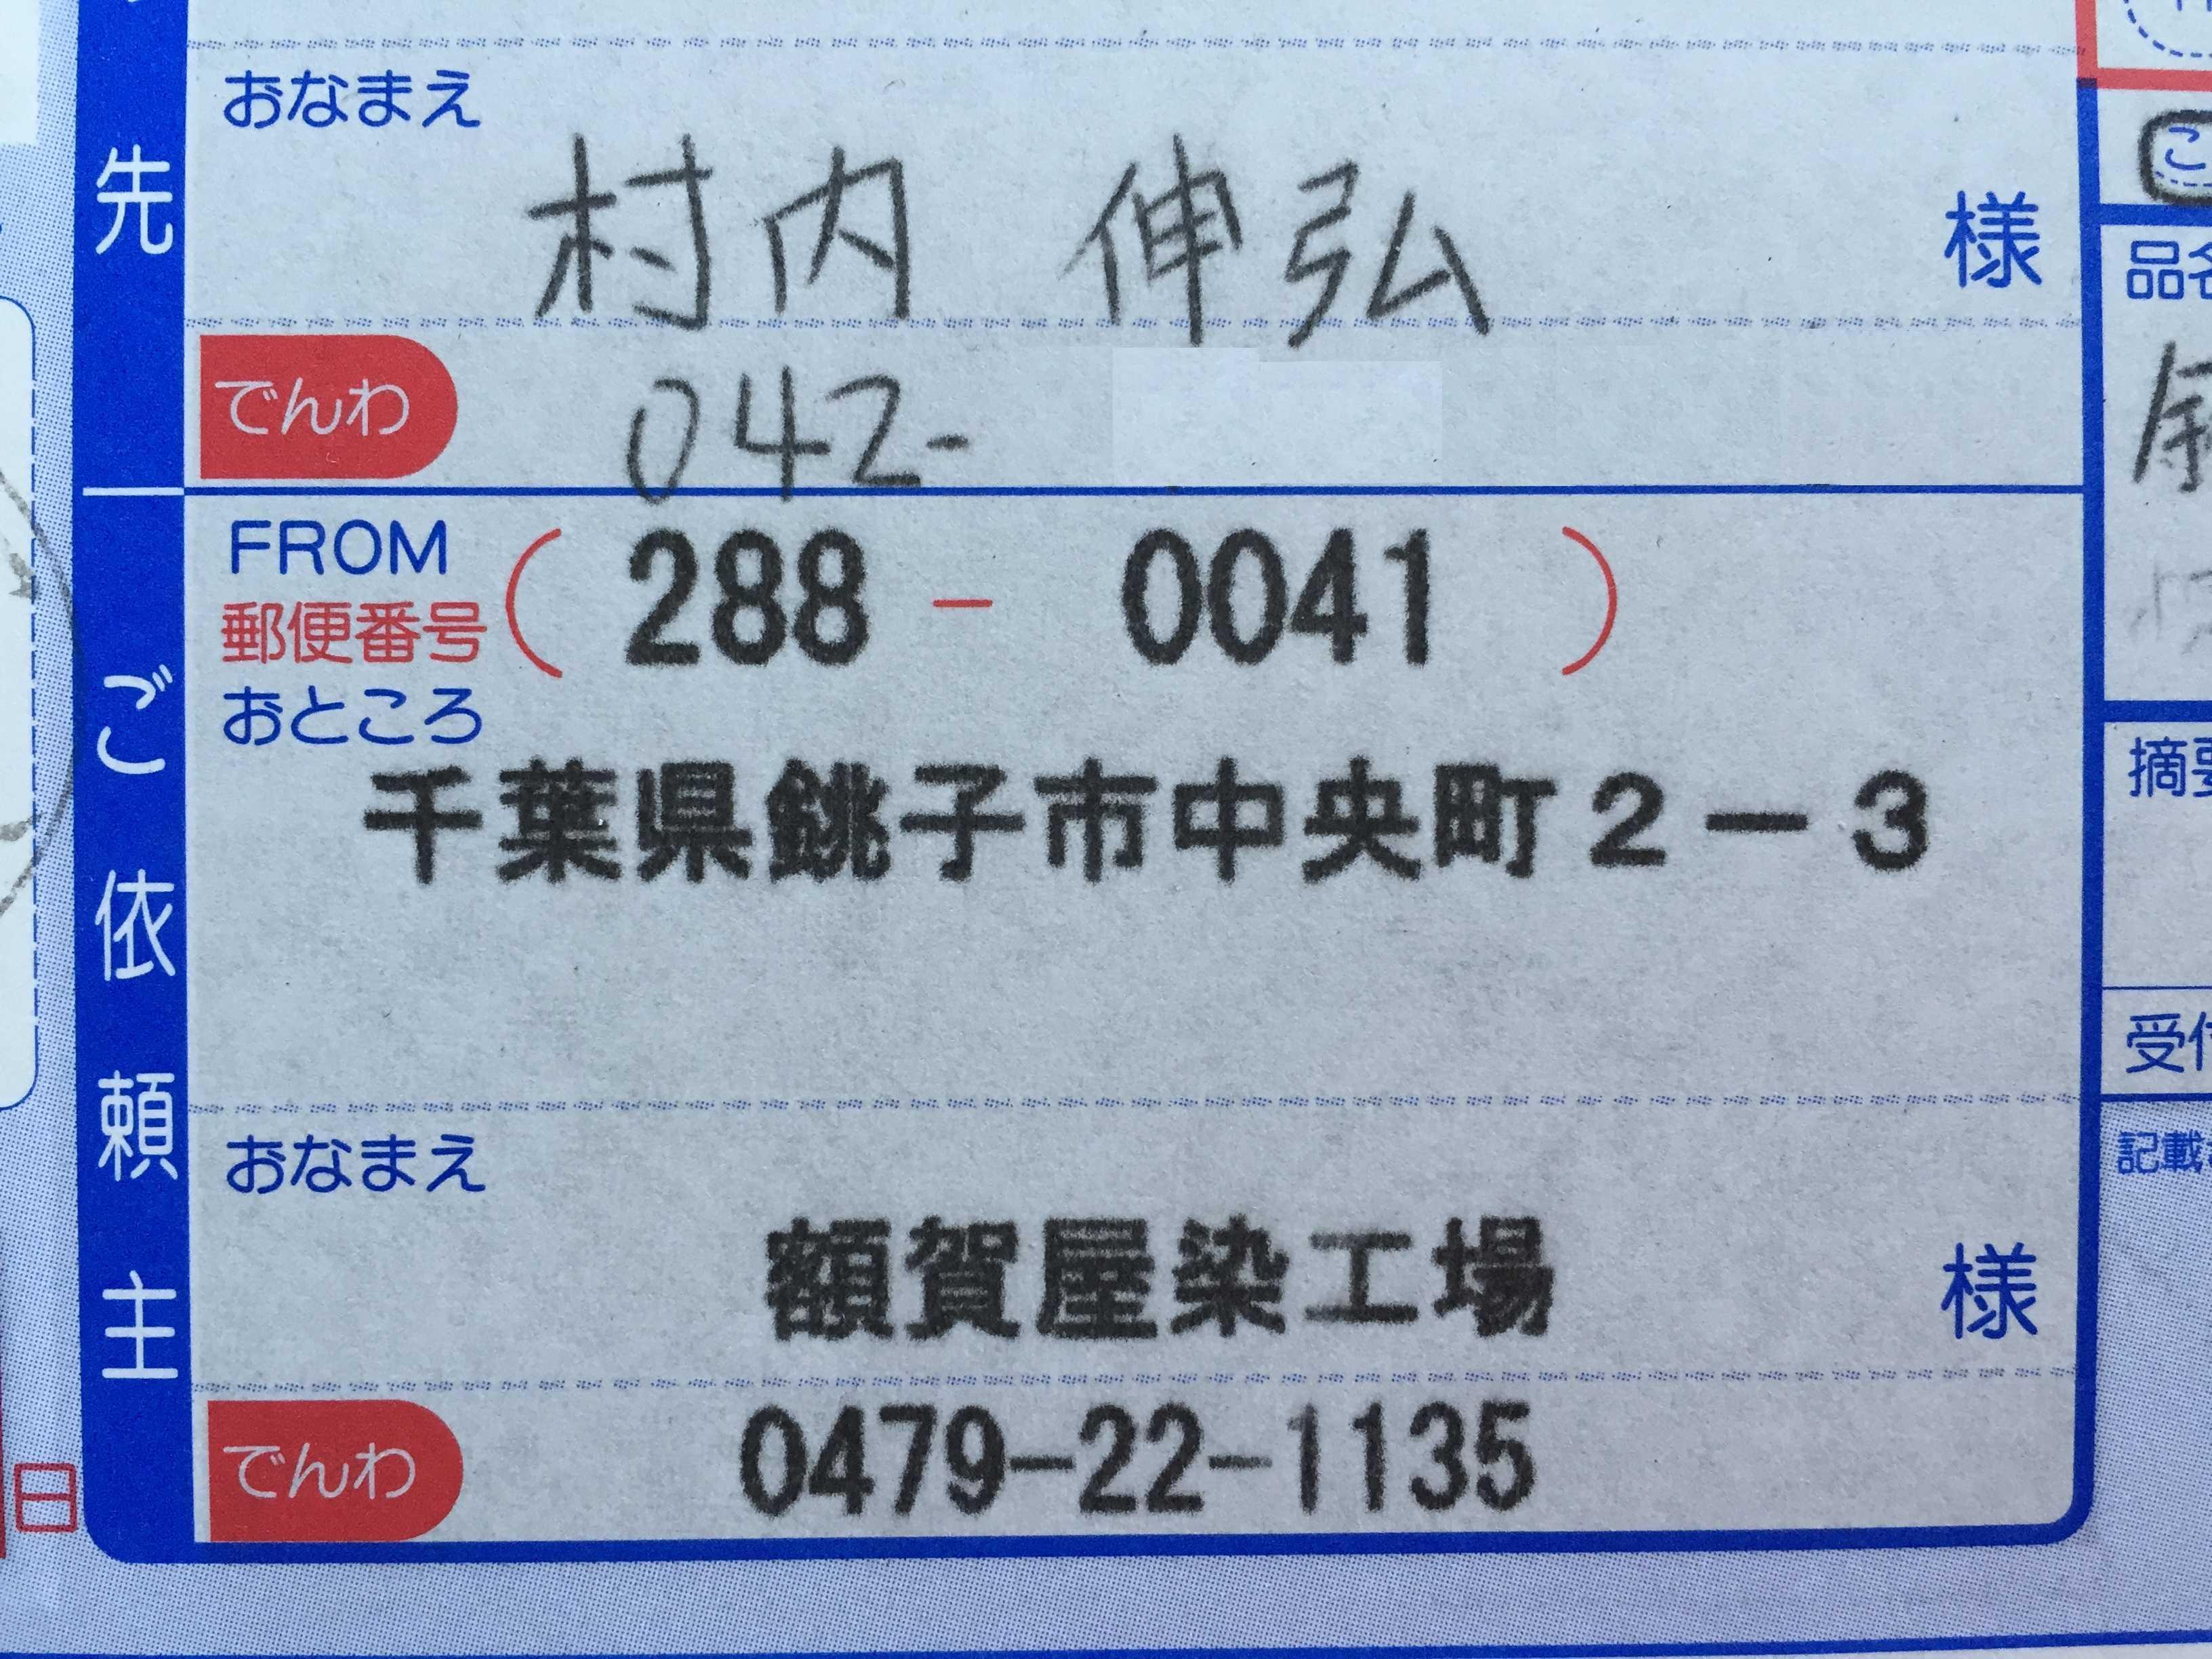 〒288-0041 千葉県銚子市中央町 2-3 額賀屋染工場